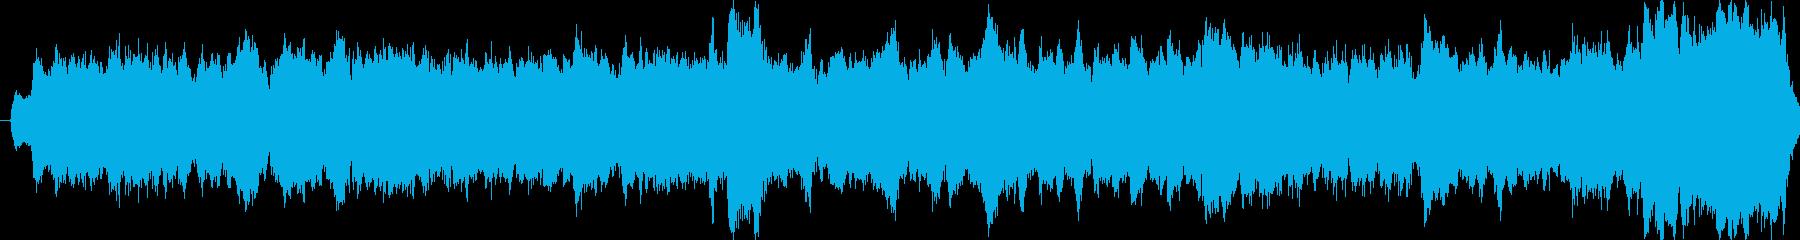 パイプオルガンの荘厳な曲です。の再生済みの波形